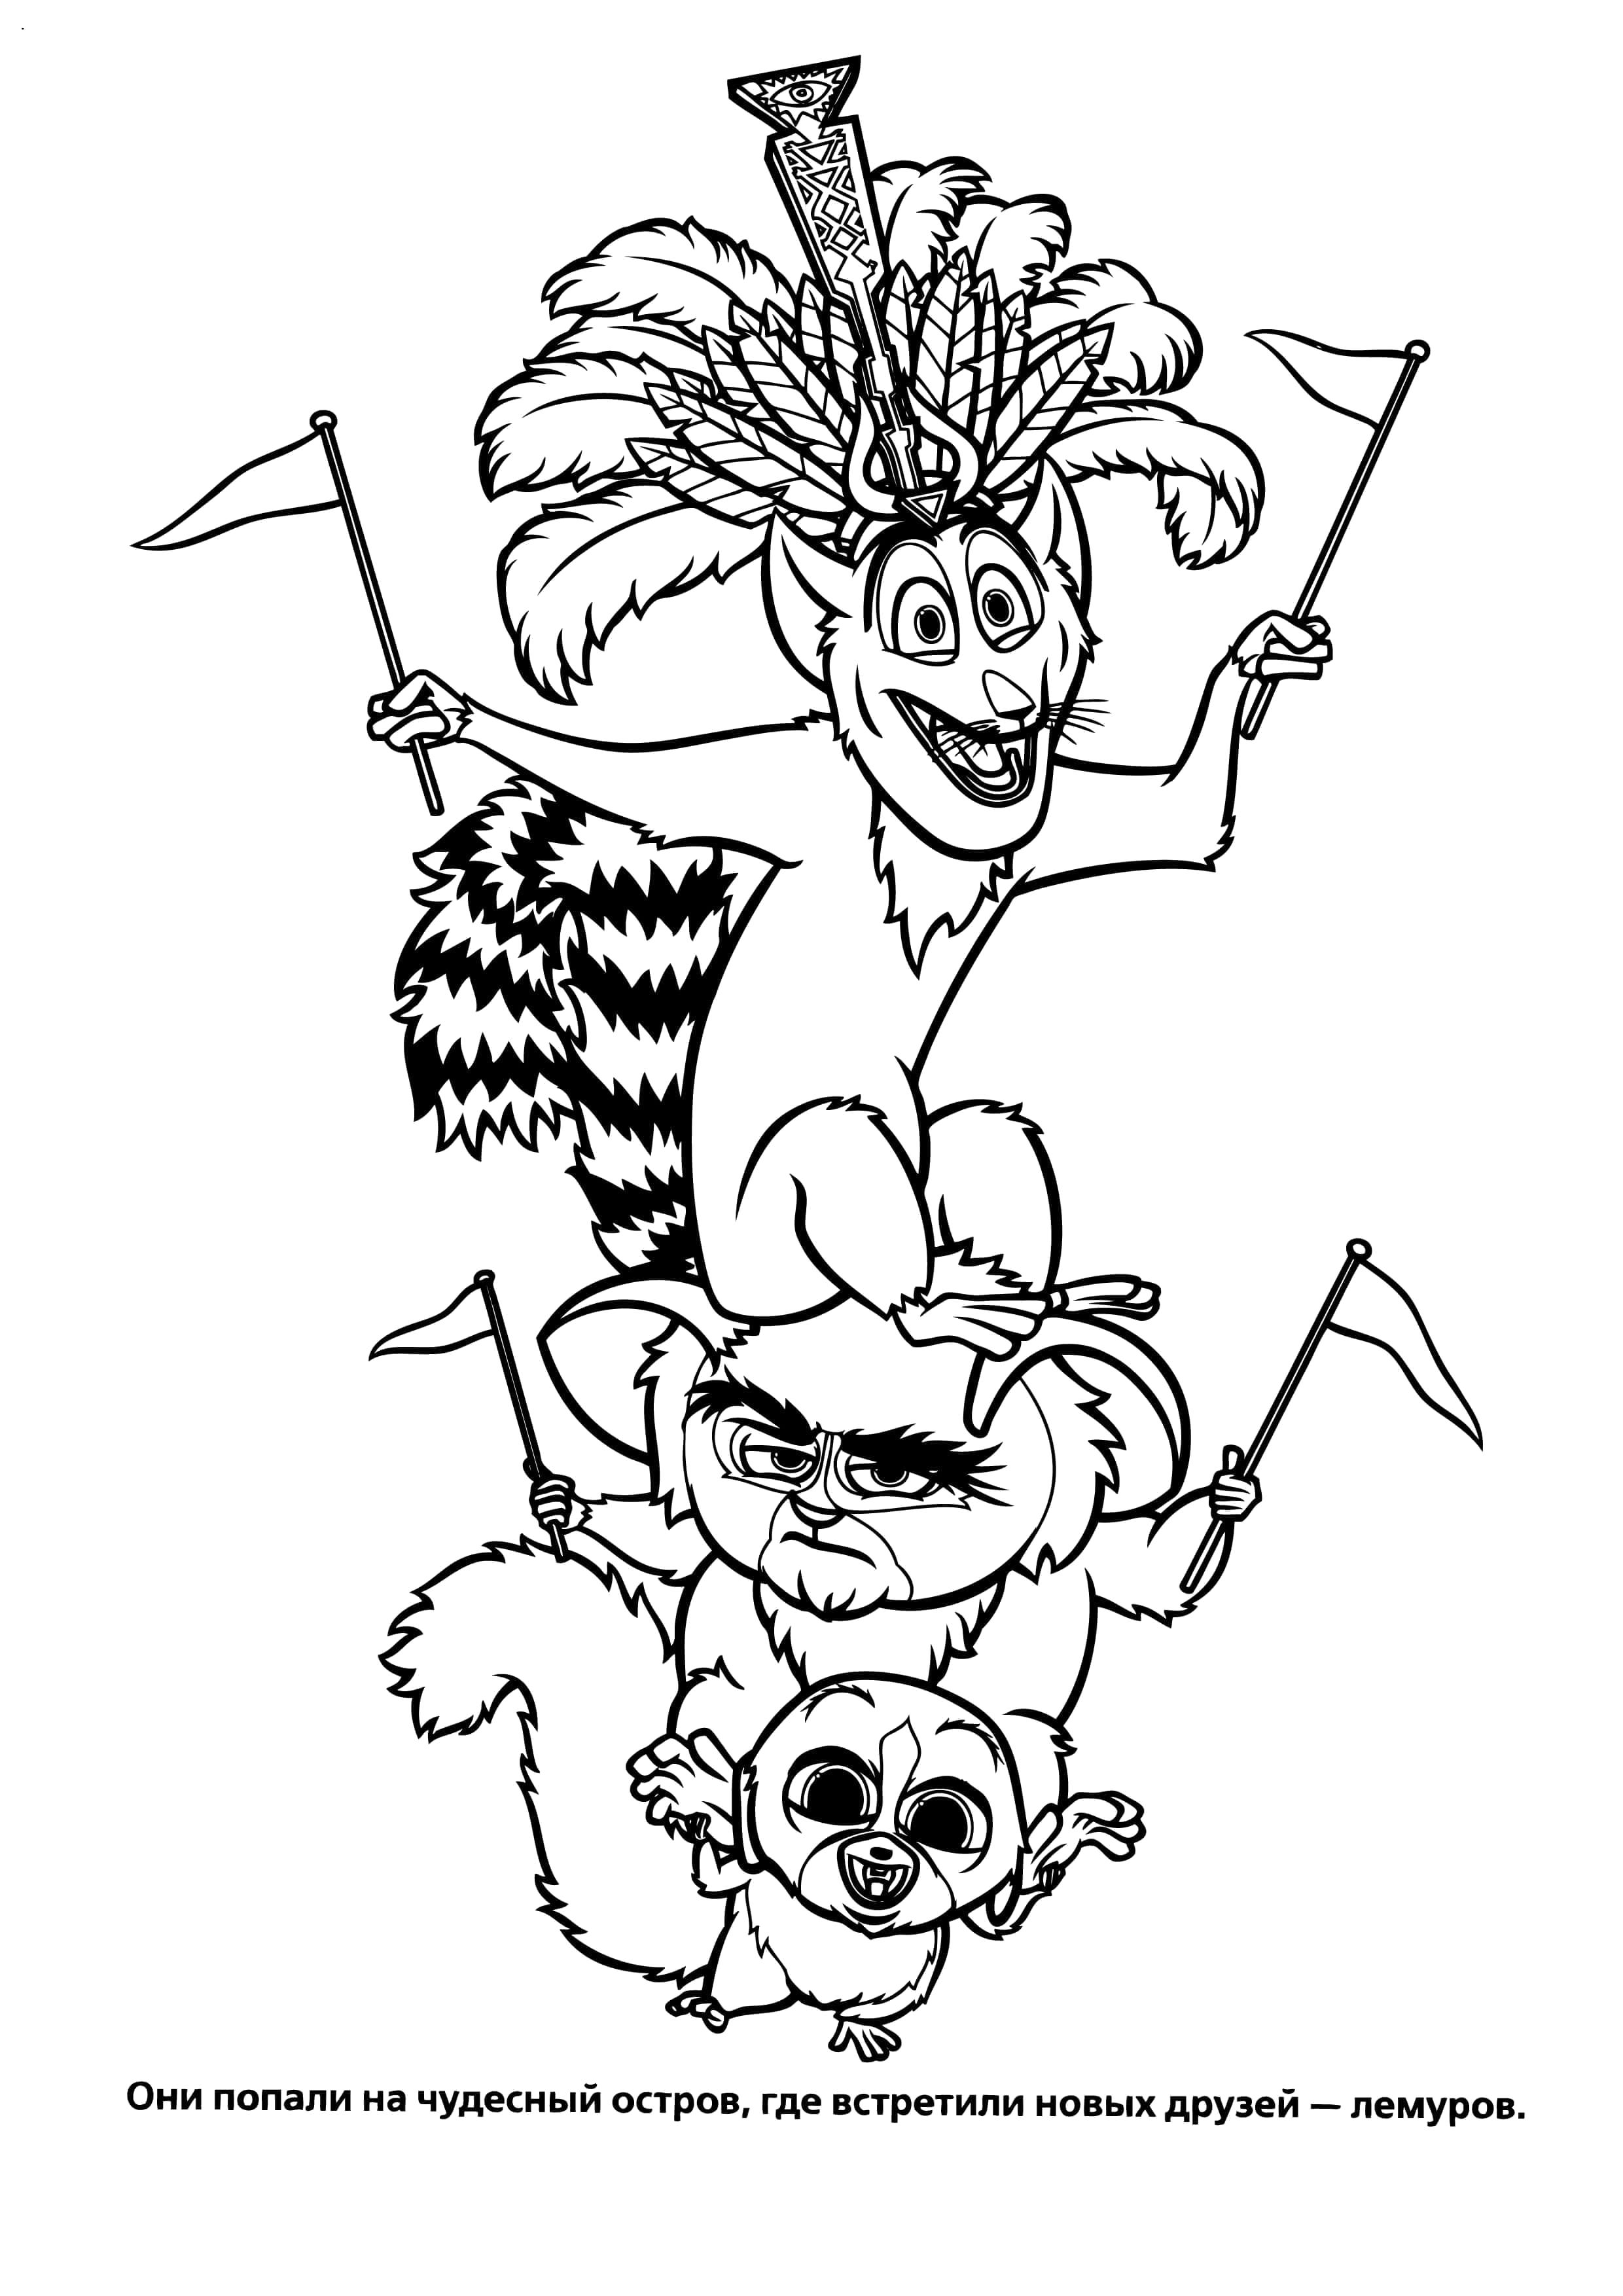 Раскраска  мадагаскар. Скачать Мадагаскар.  Распечатать Мадагаскар